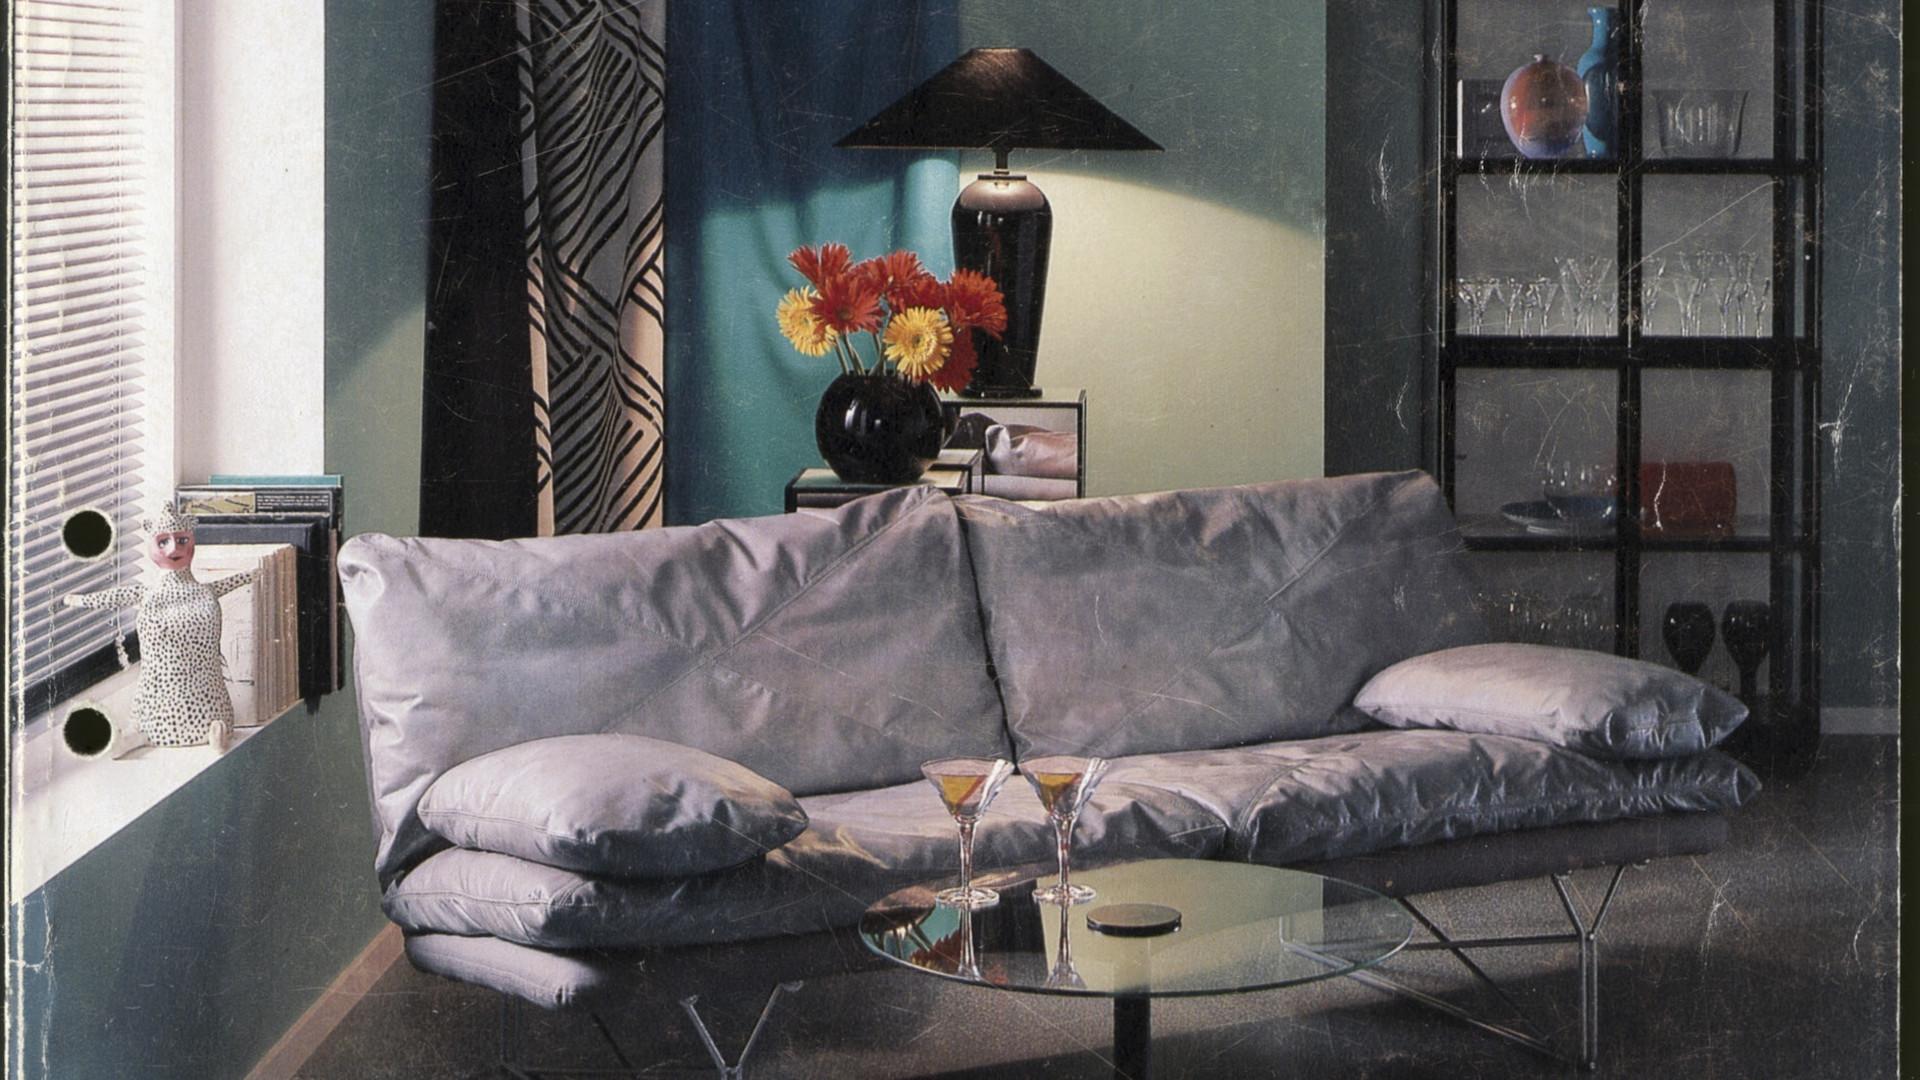 Möbel Sind Und Alte Was Ikea Sie Noizz Wert Heute N8w0nvm